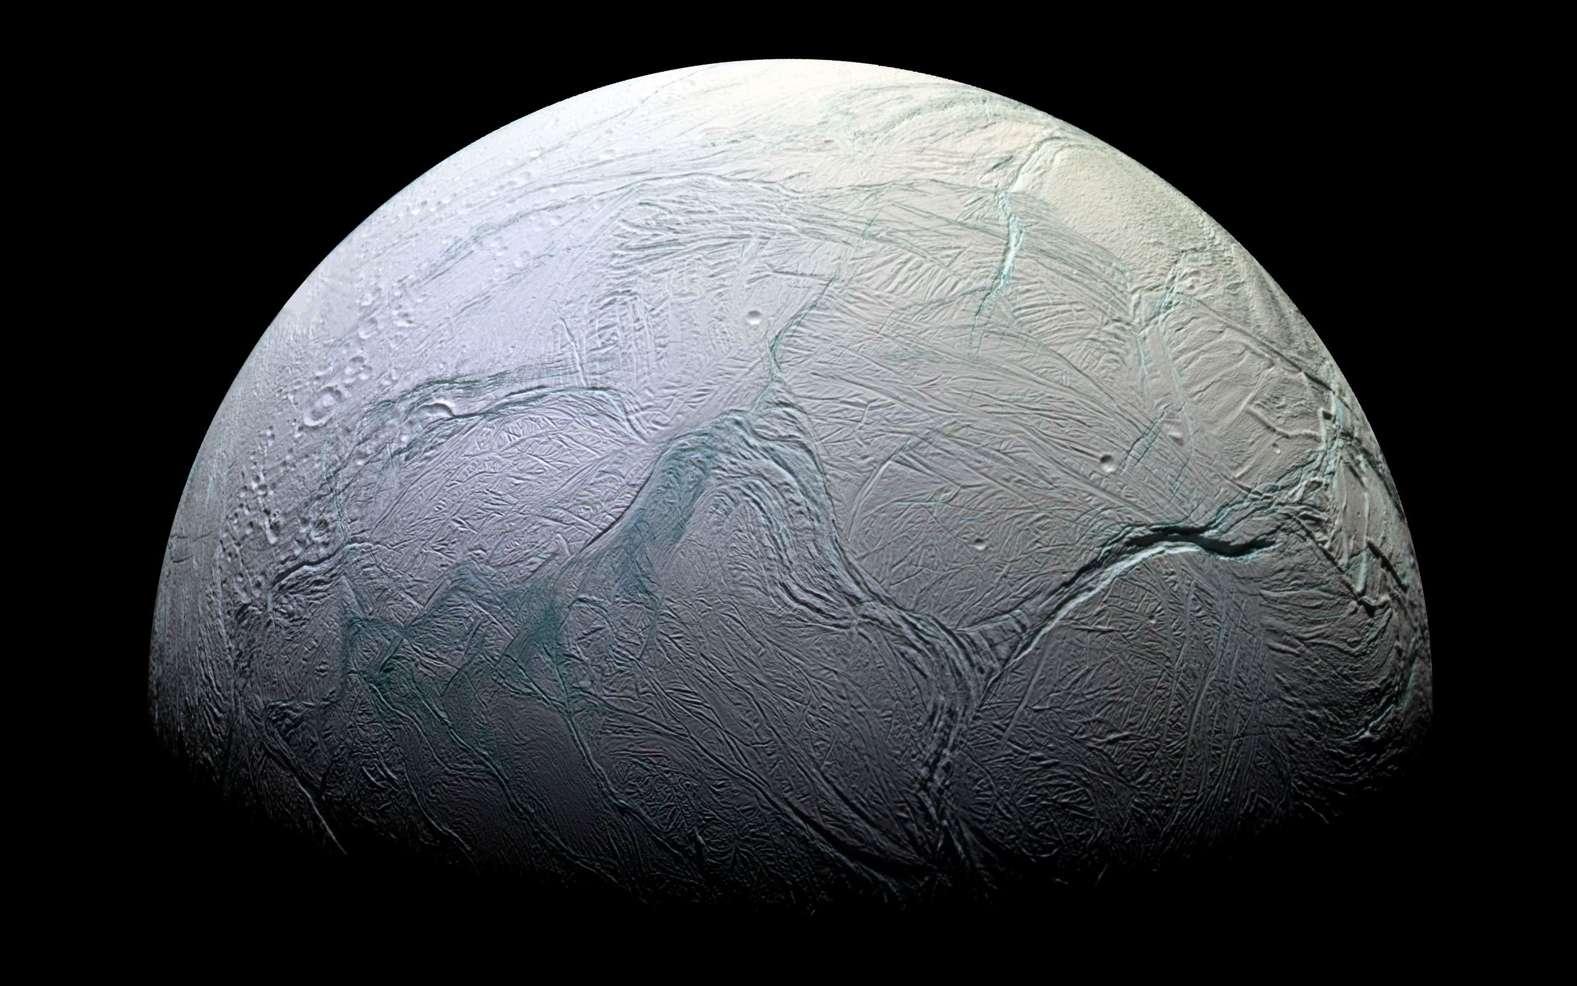 Le satellite Encelade vu par la sonde Cassini en 2005. La surface de cette petite lune est une croûte de glace, fracturée par endroits. Les quatre « Rayures de tigre » sont visibles ici, en fausses couleurs. © Nasa, JPL, Space Science Institute